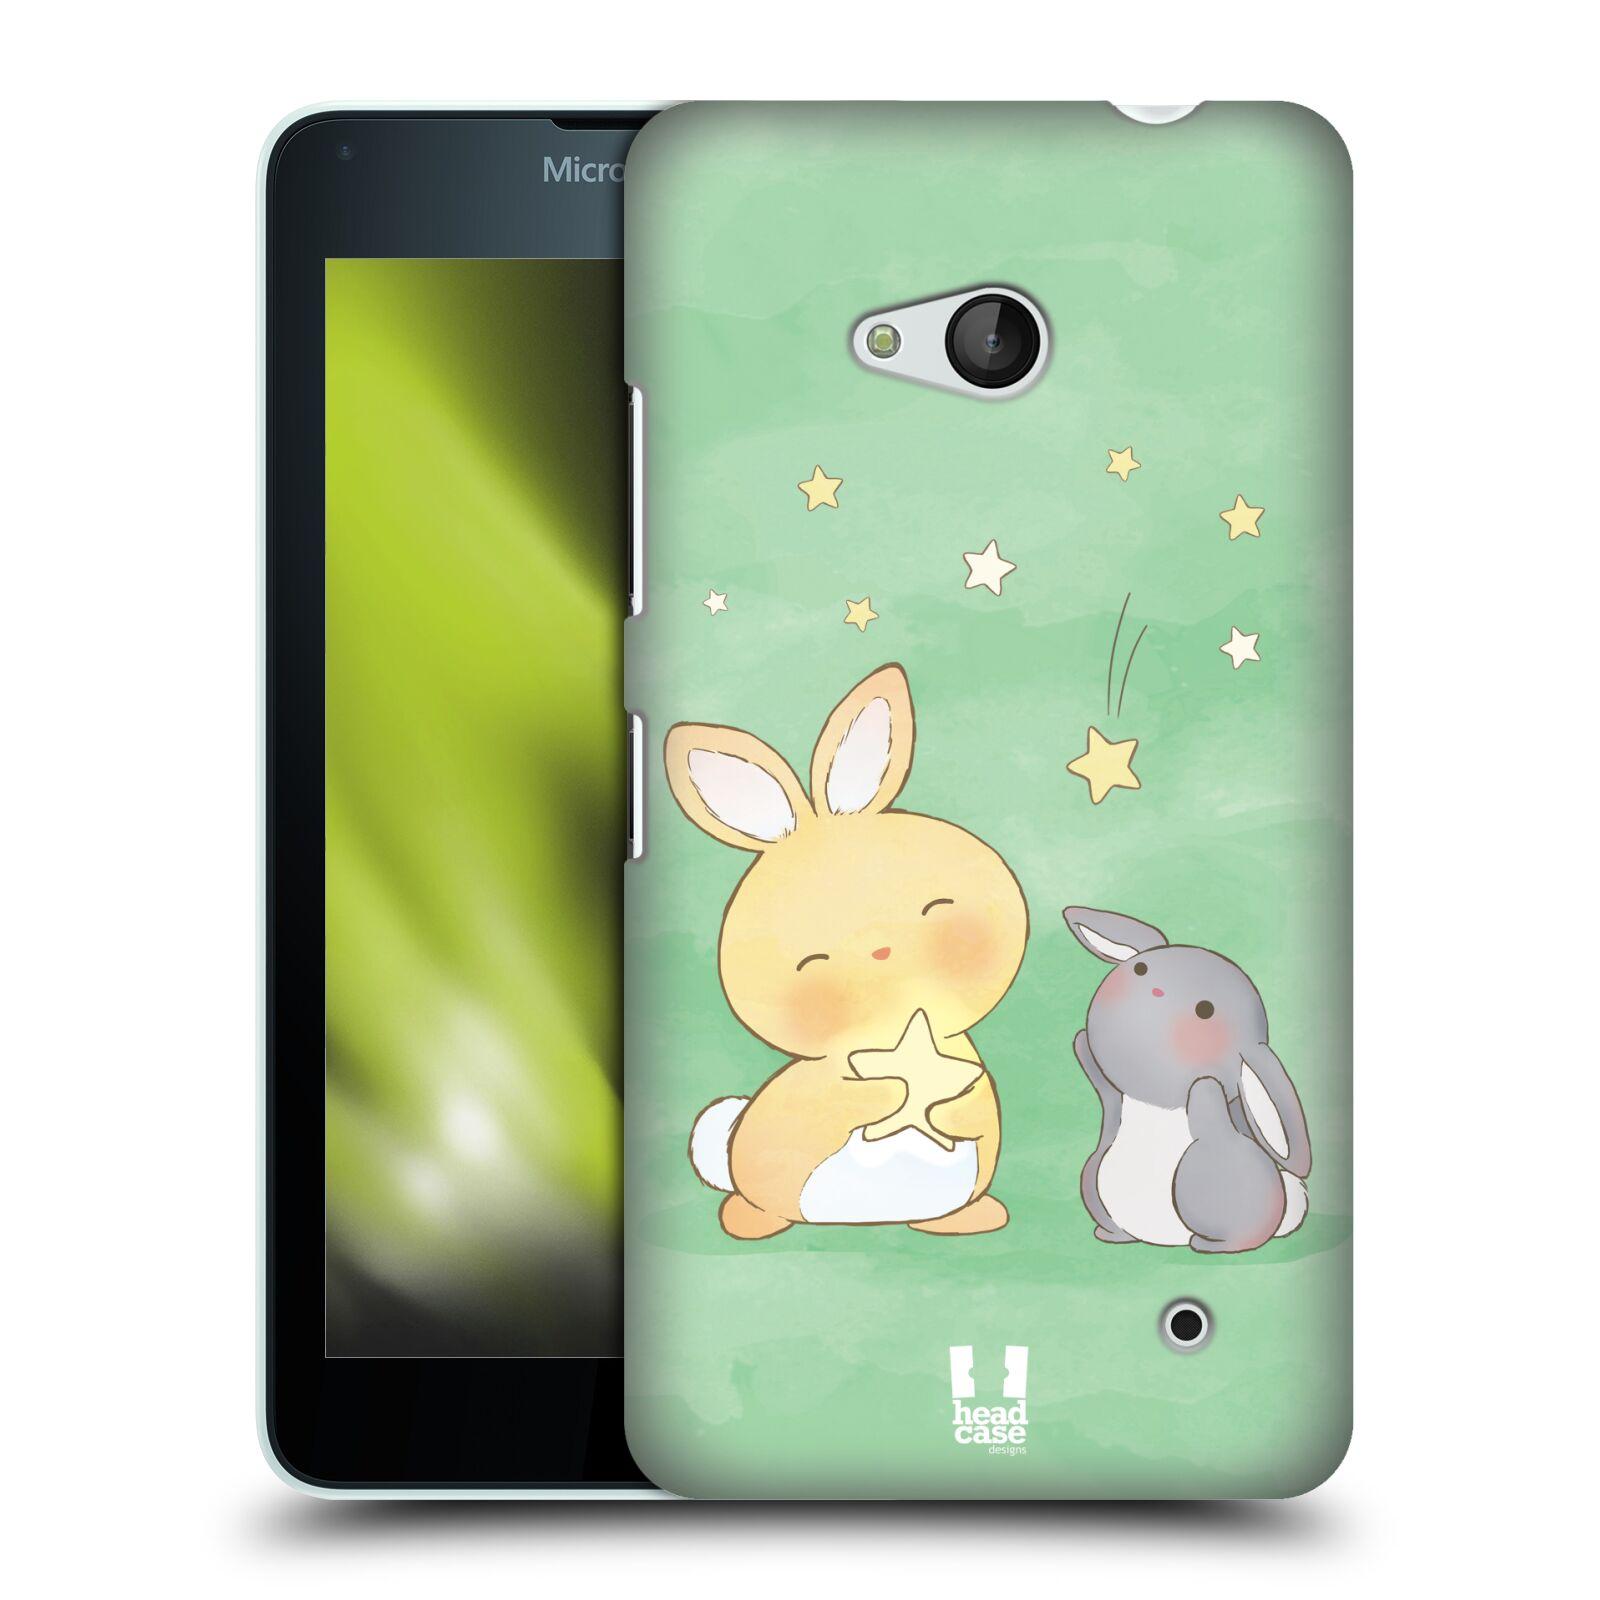 HEAD CASE plastový obal na mobil Nokia Lumia 640 vzor králíček a hvězdy zelená